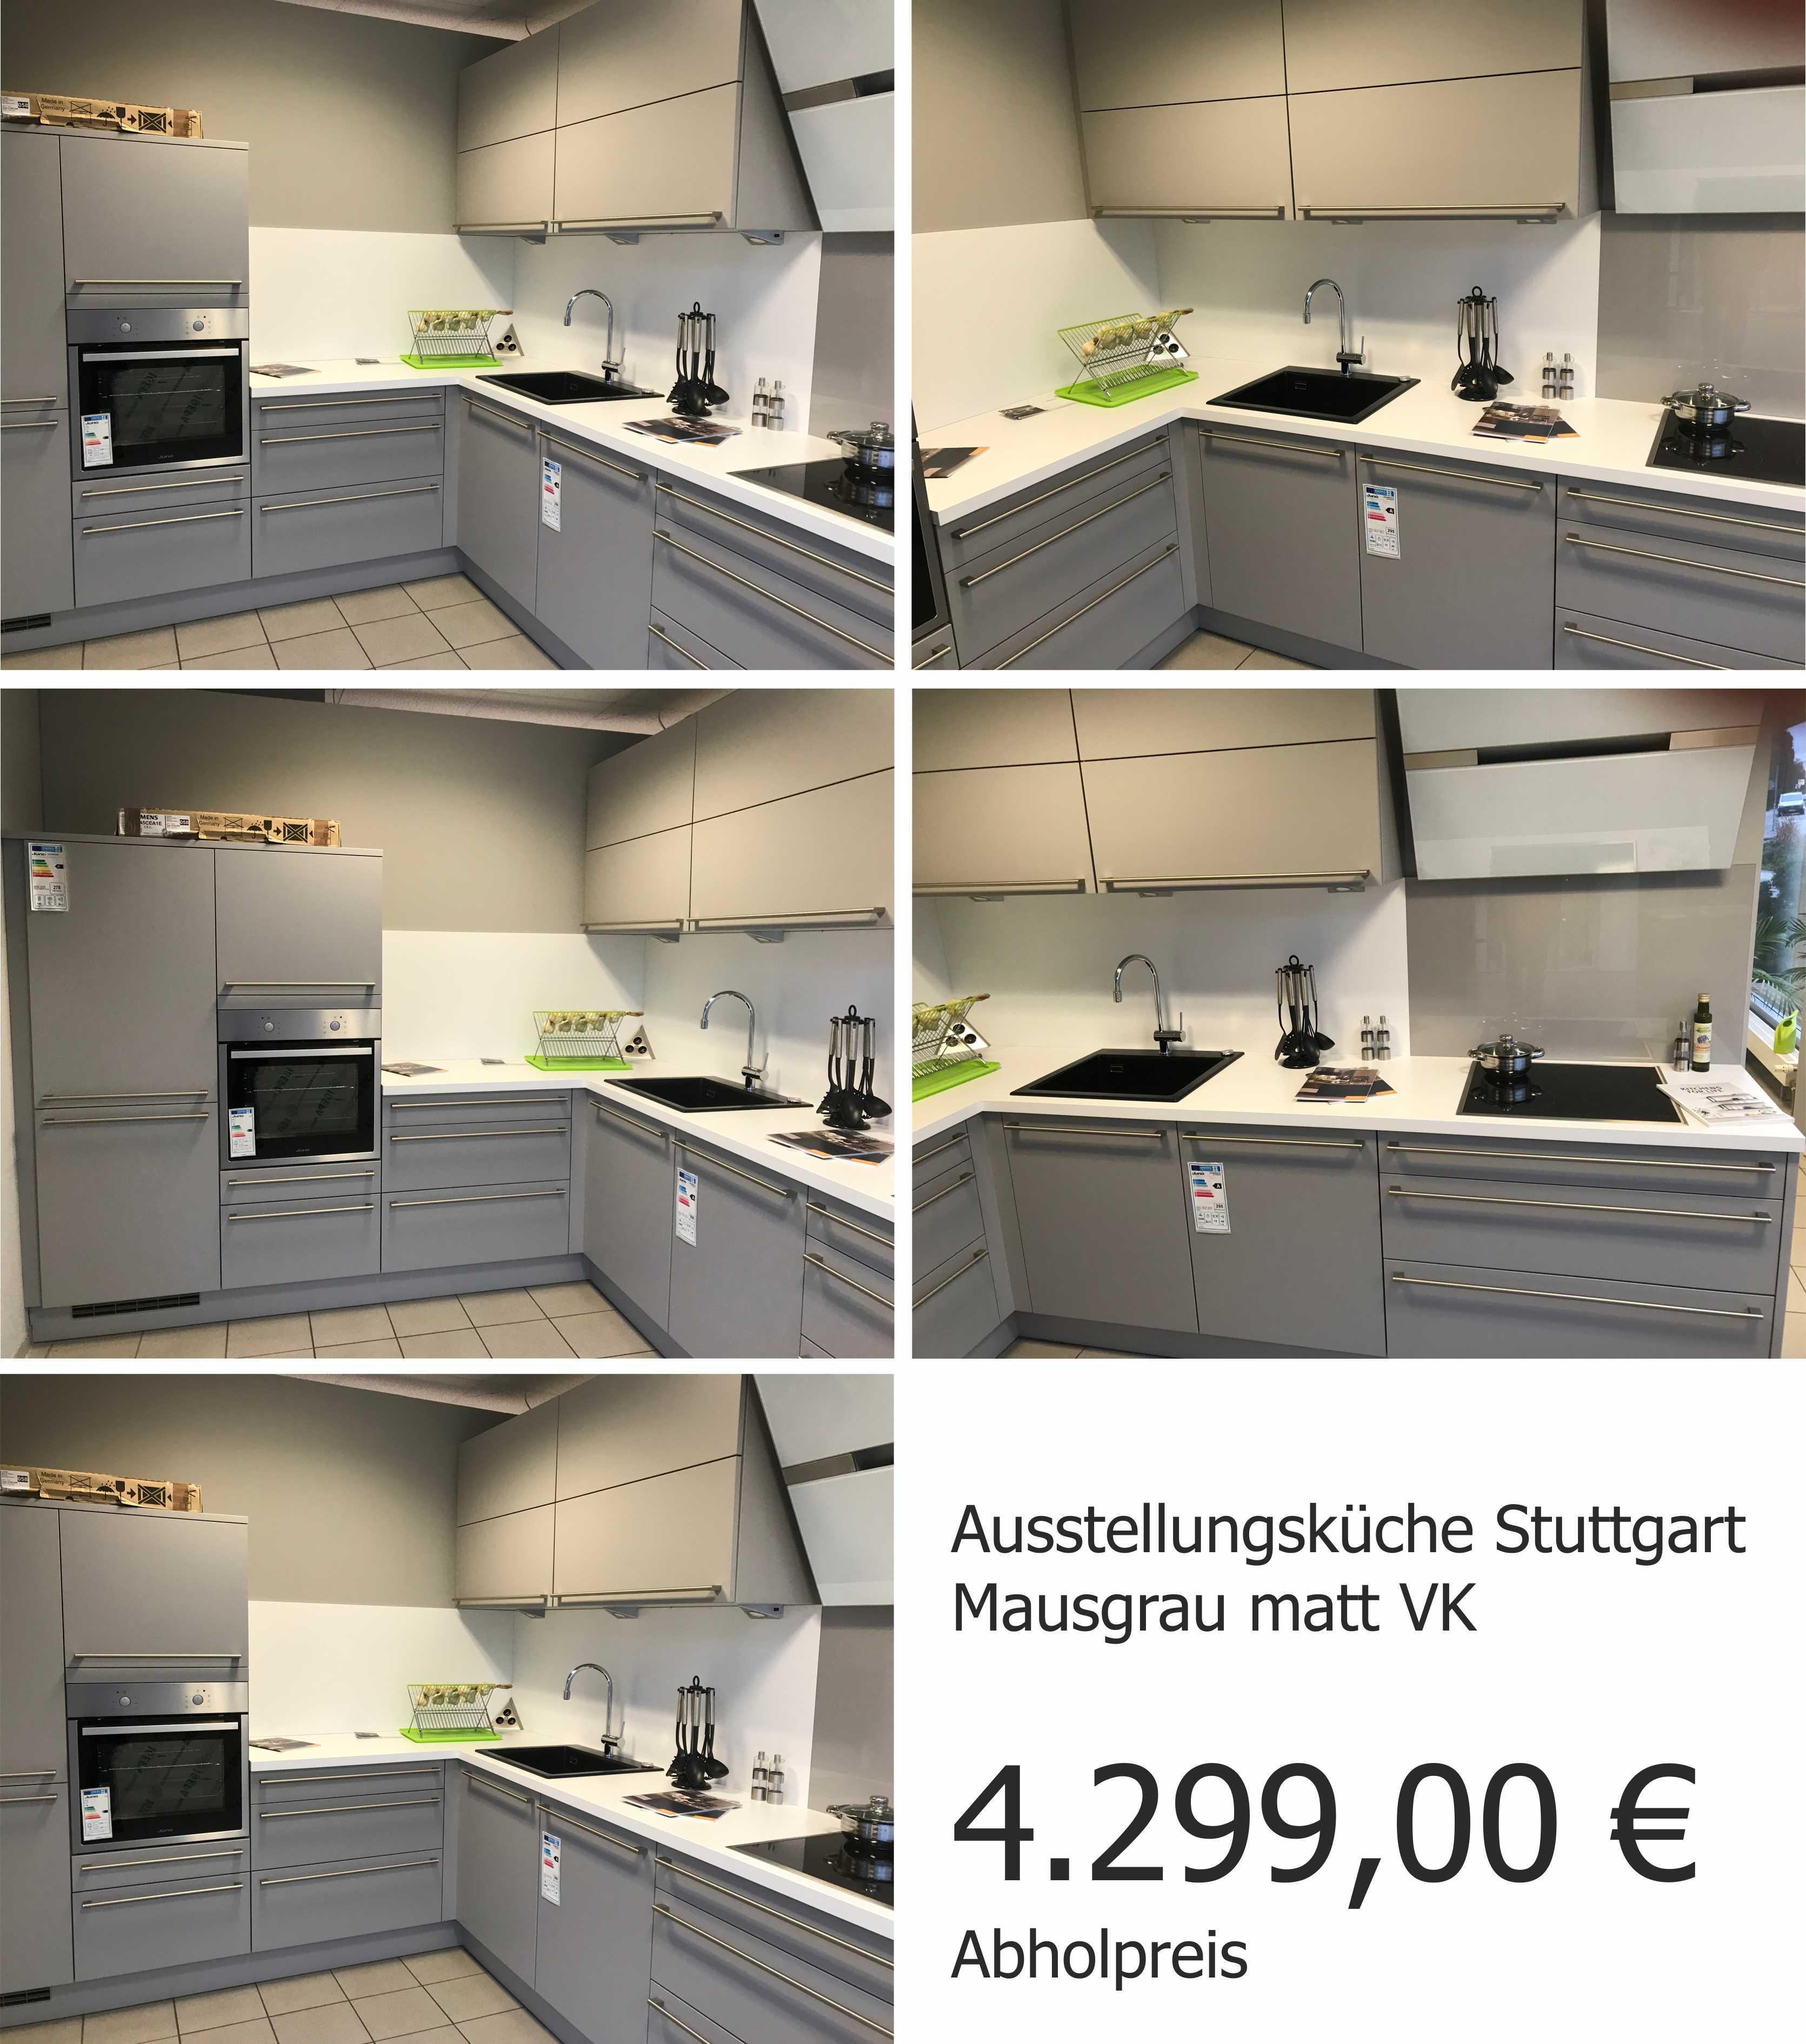 Küchen Von Nolte Schüller Nobilia Mit Küchenplanung Ausstellungsküchen